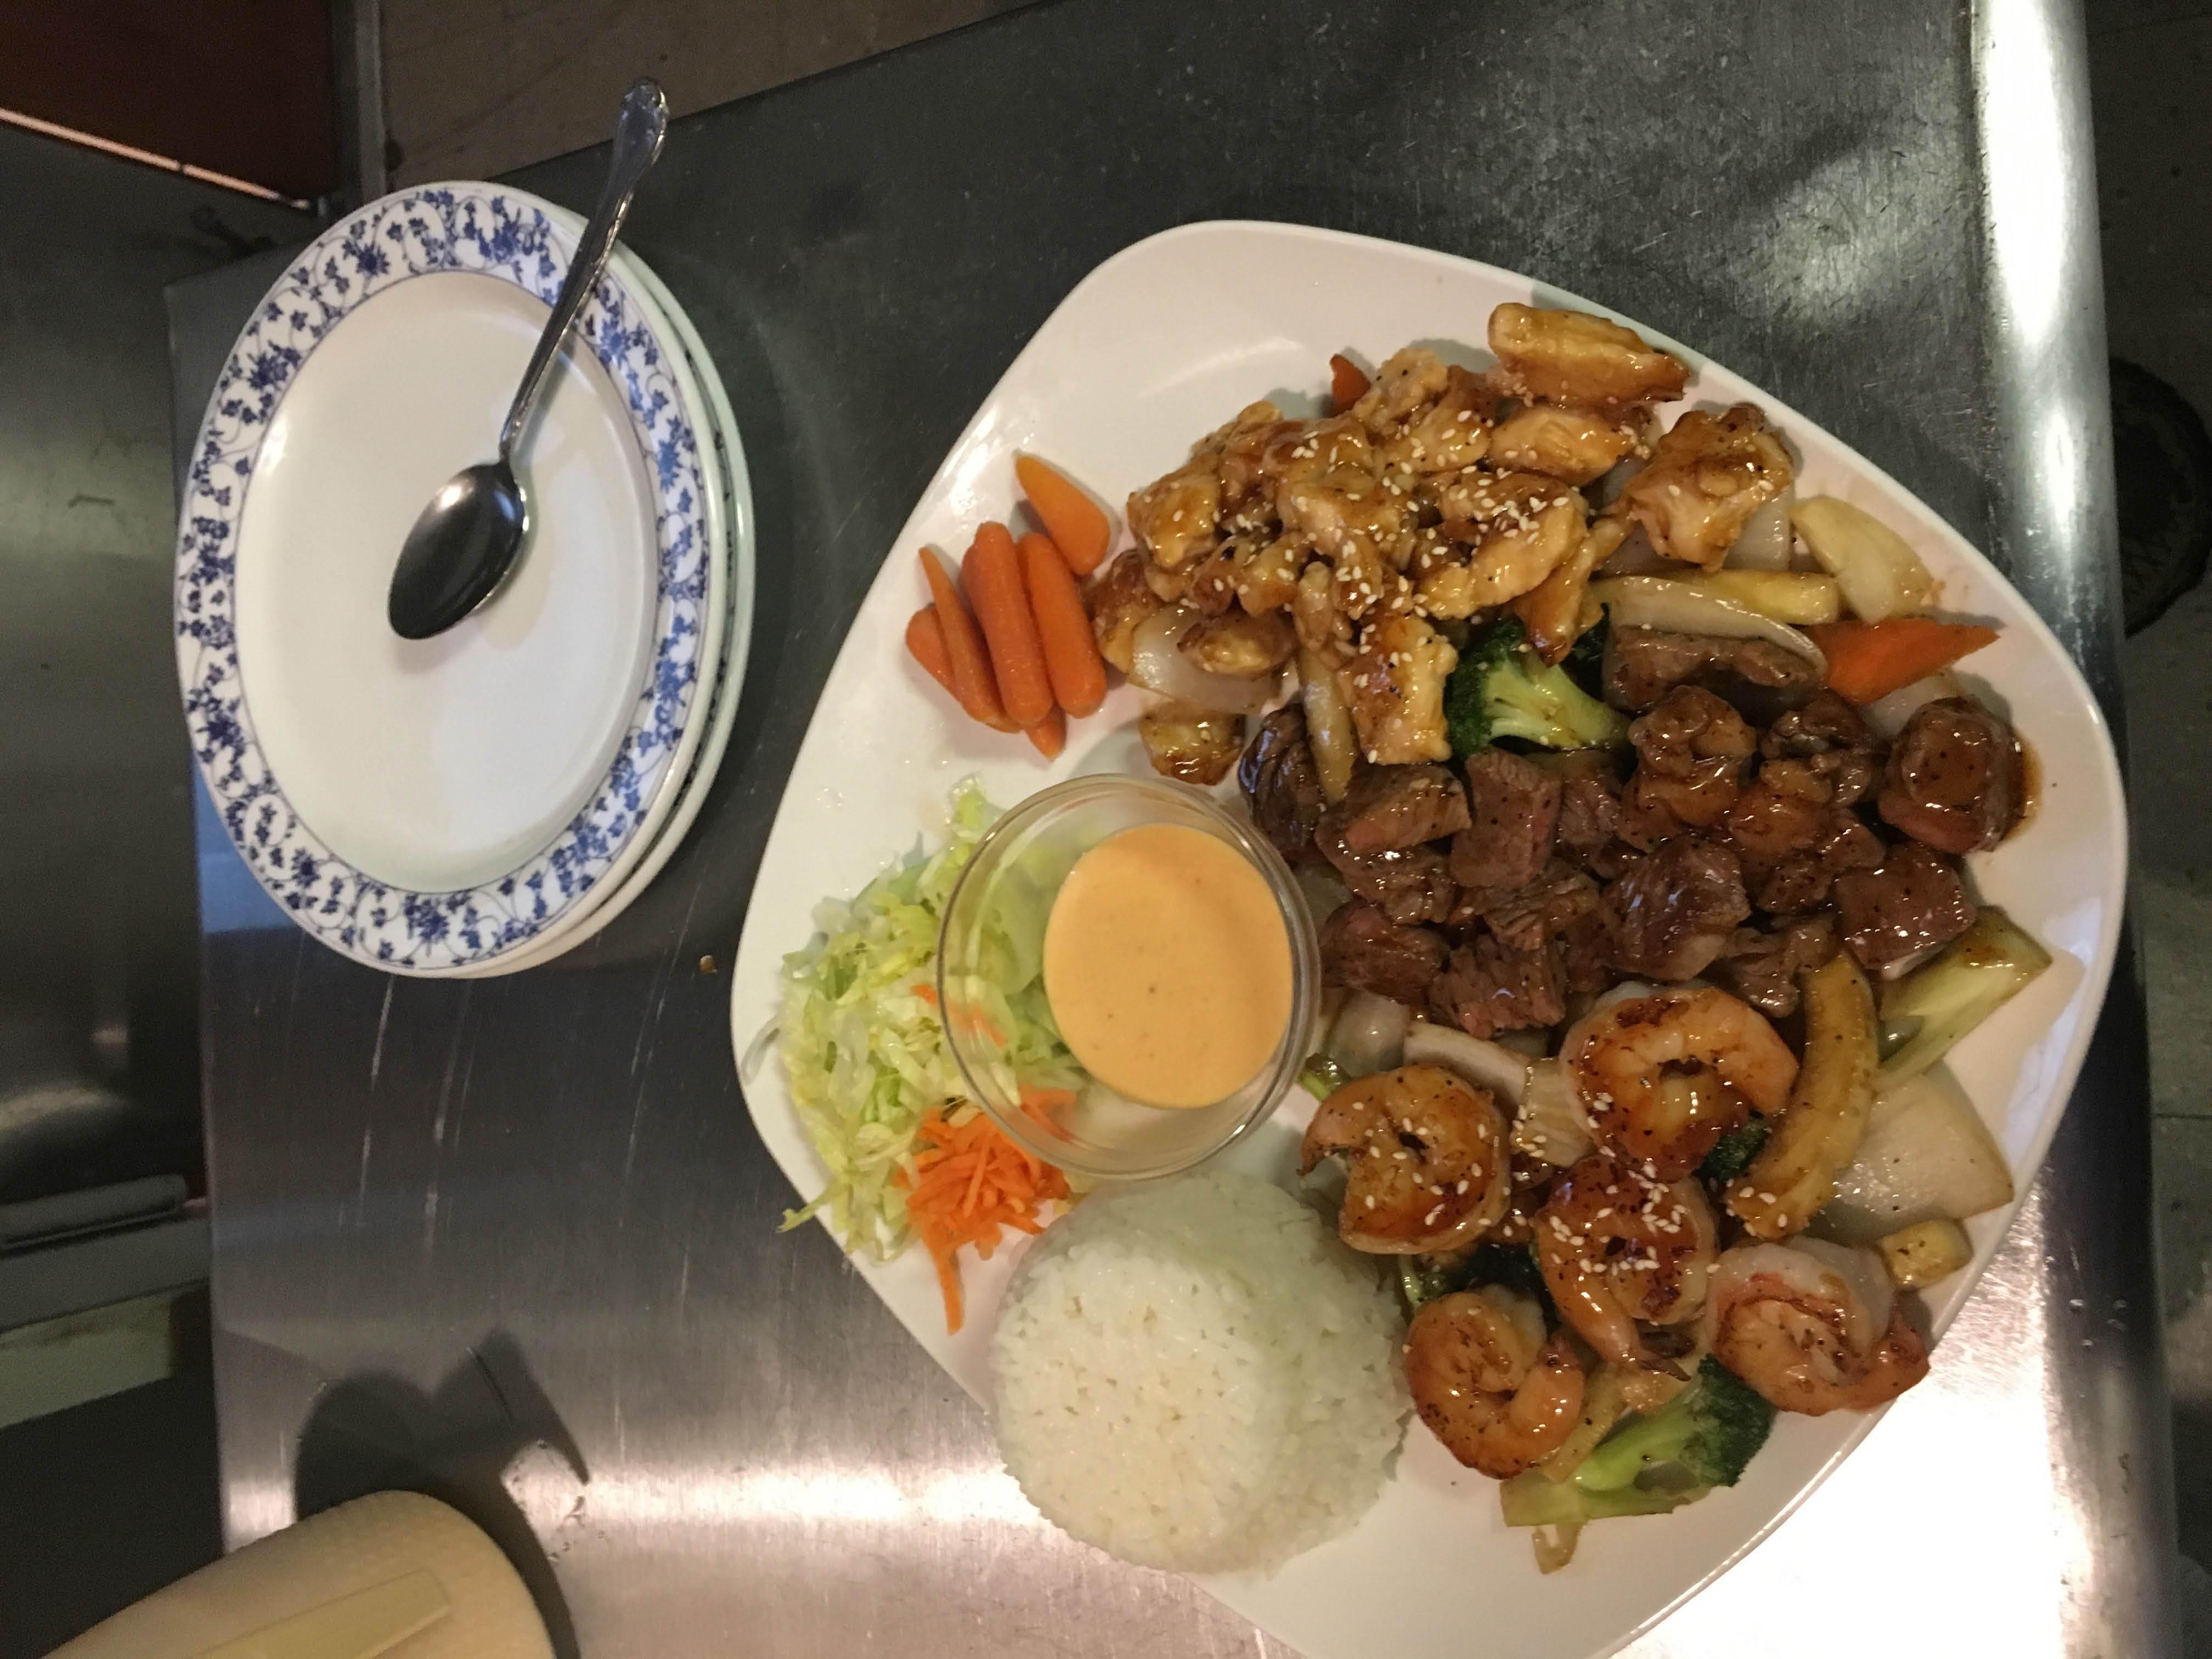 Ichiban Steak & Asian Fusion Steak, Chicken & Shrimp